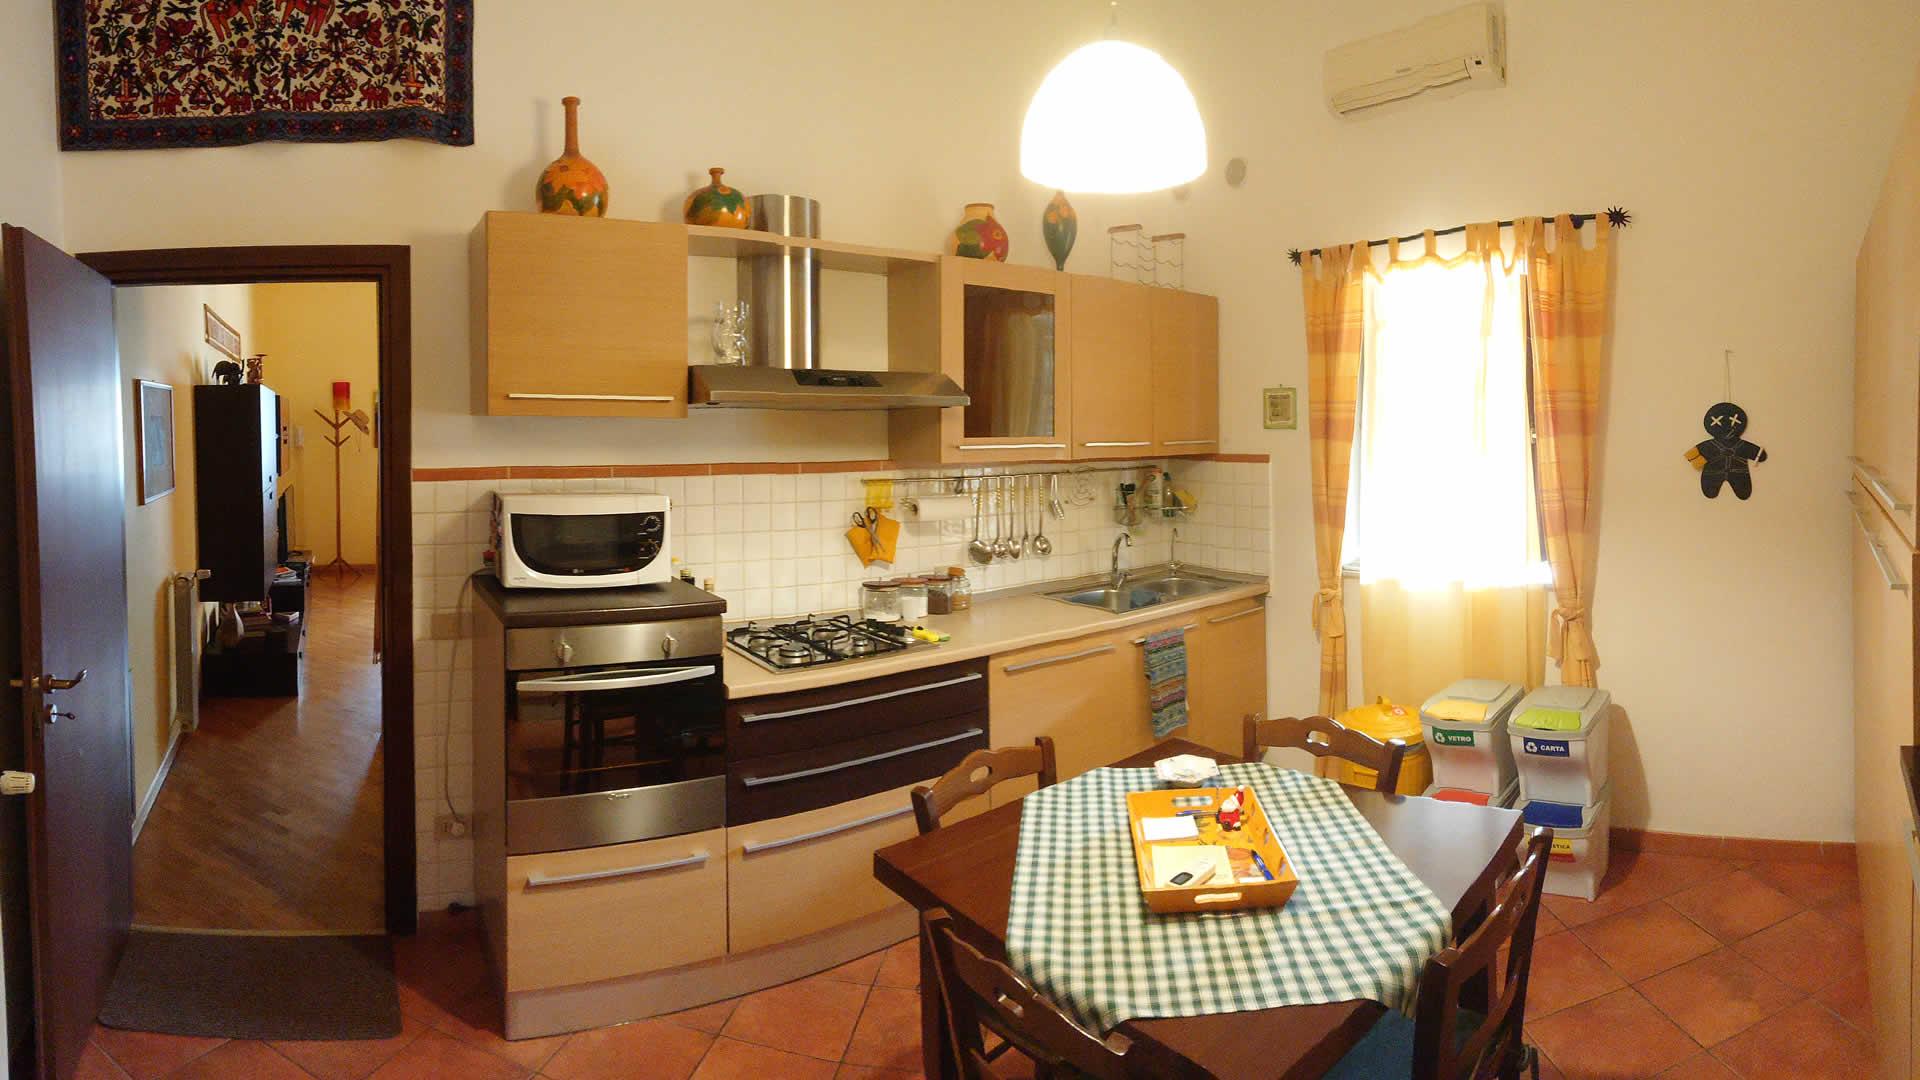 Ballarhome - La casa a Palermo